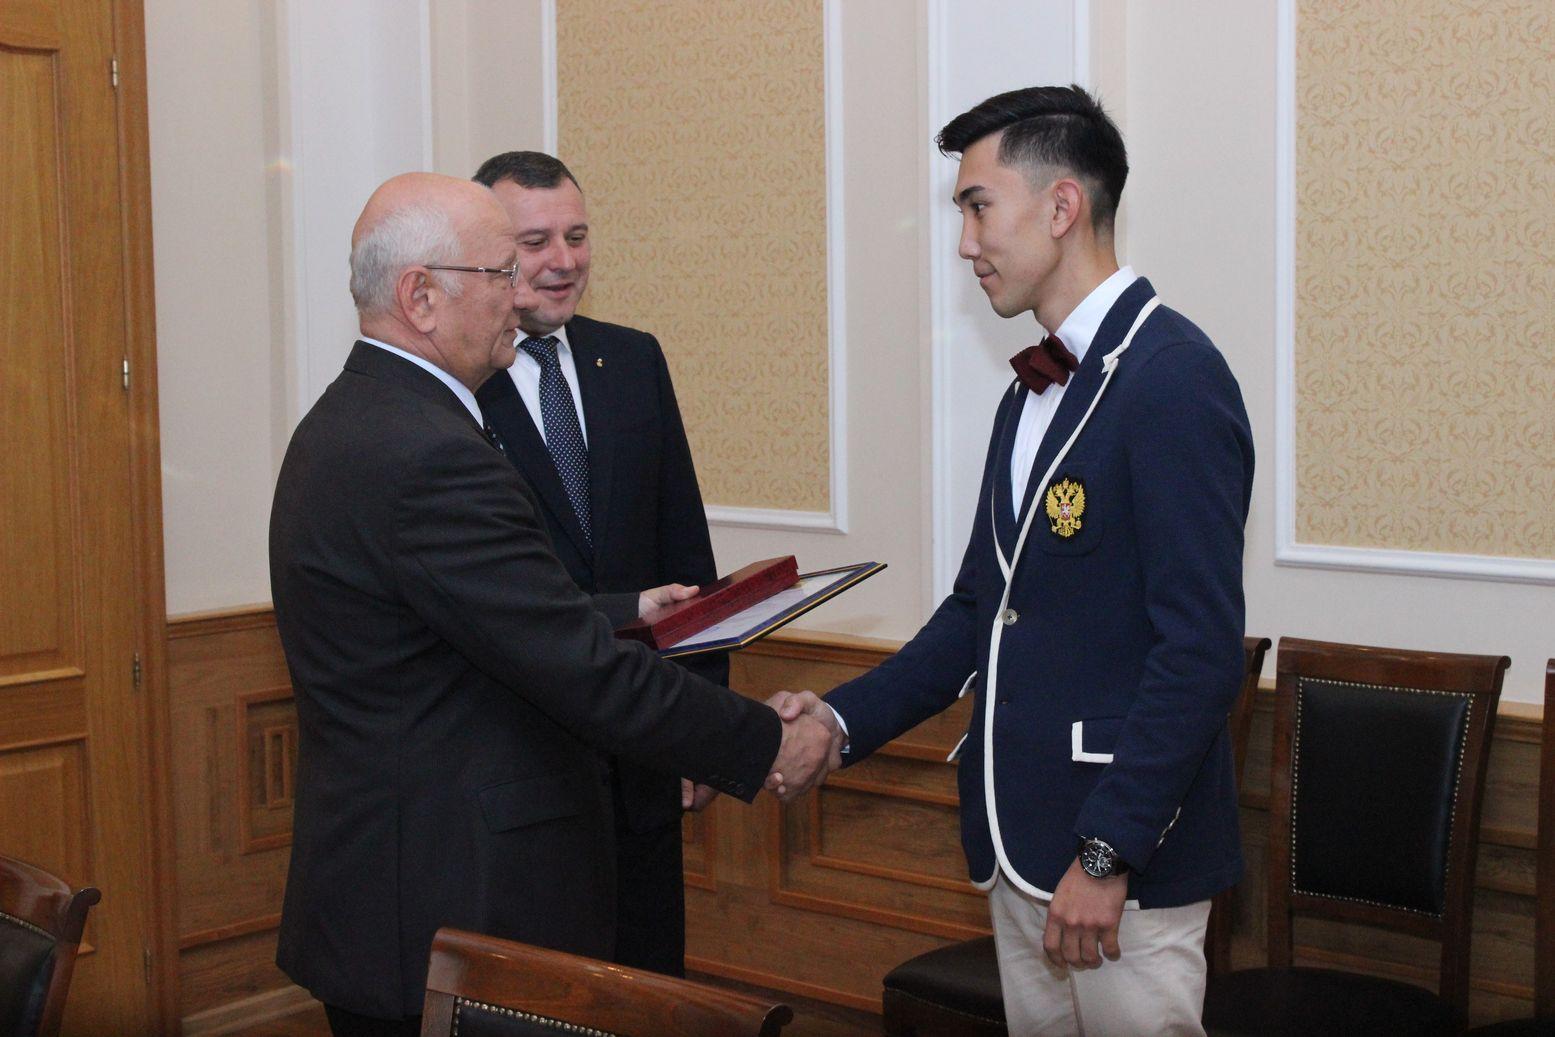 Губернатор Оренбургской области Ю.А. Берг встретился с оренбургскими паралимпийцами